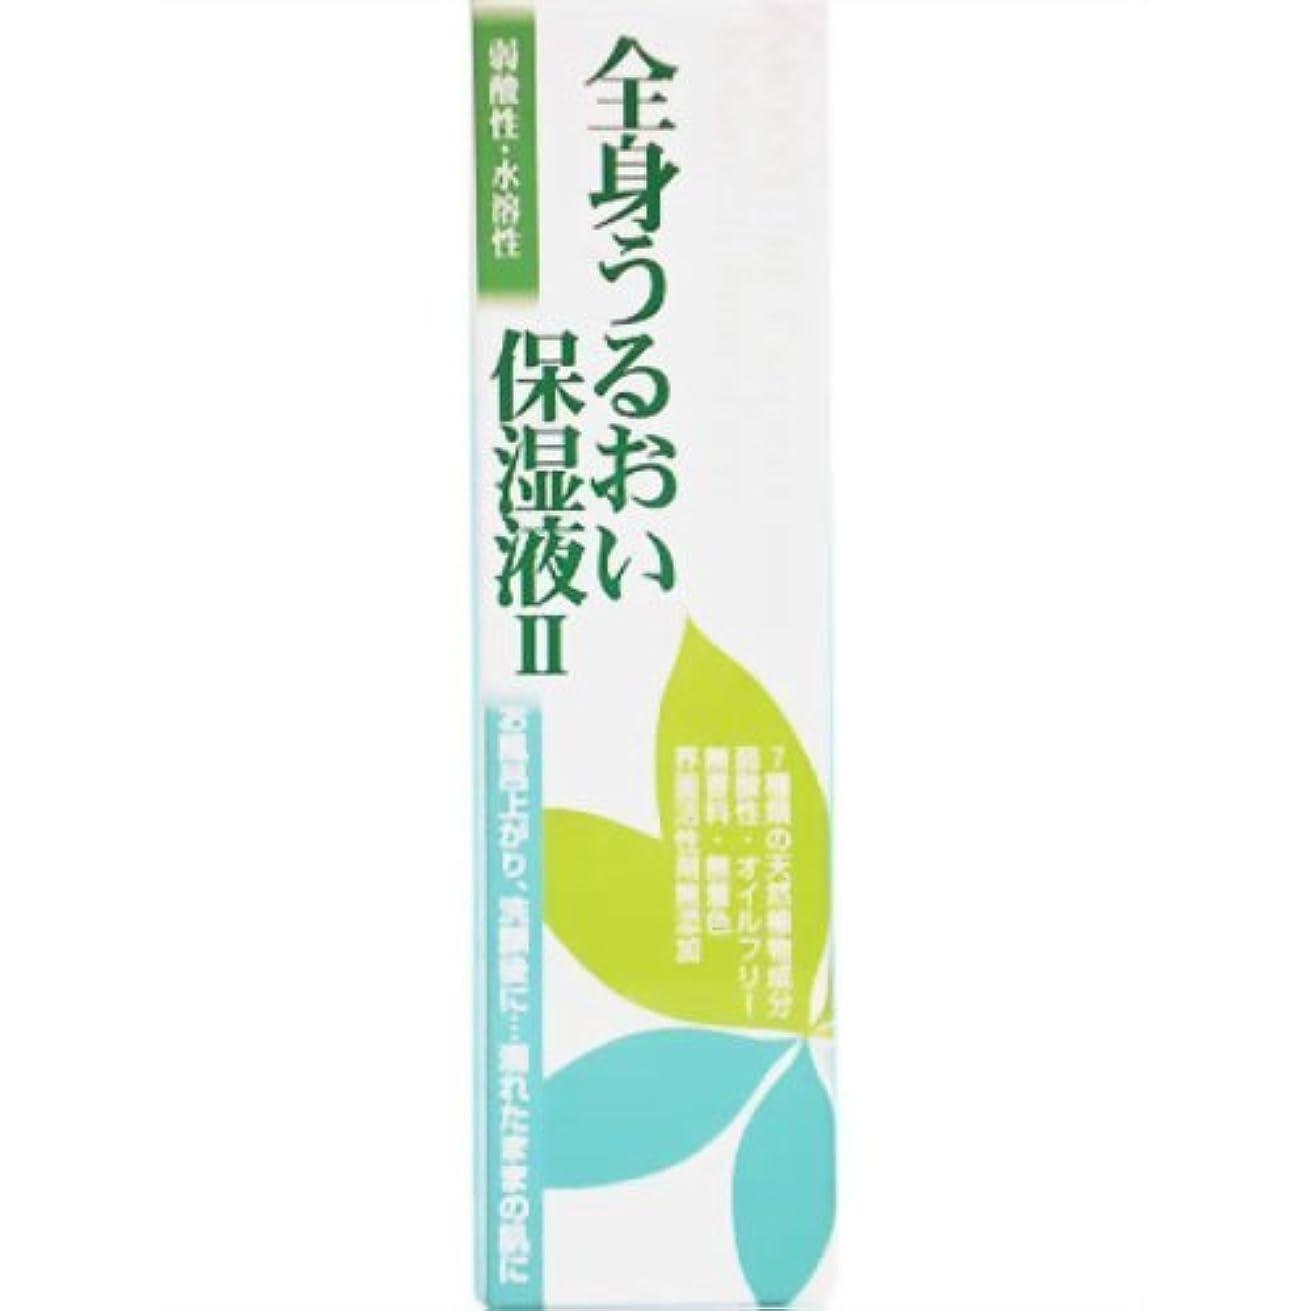 カッター作成者水平全身うるおい保湿液(まろやか薬用スキントリートメント) 250ml